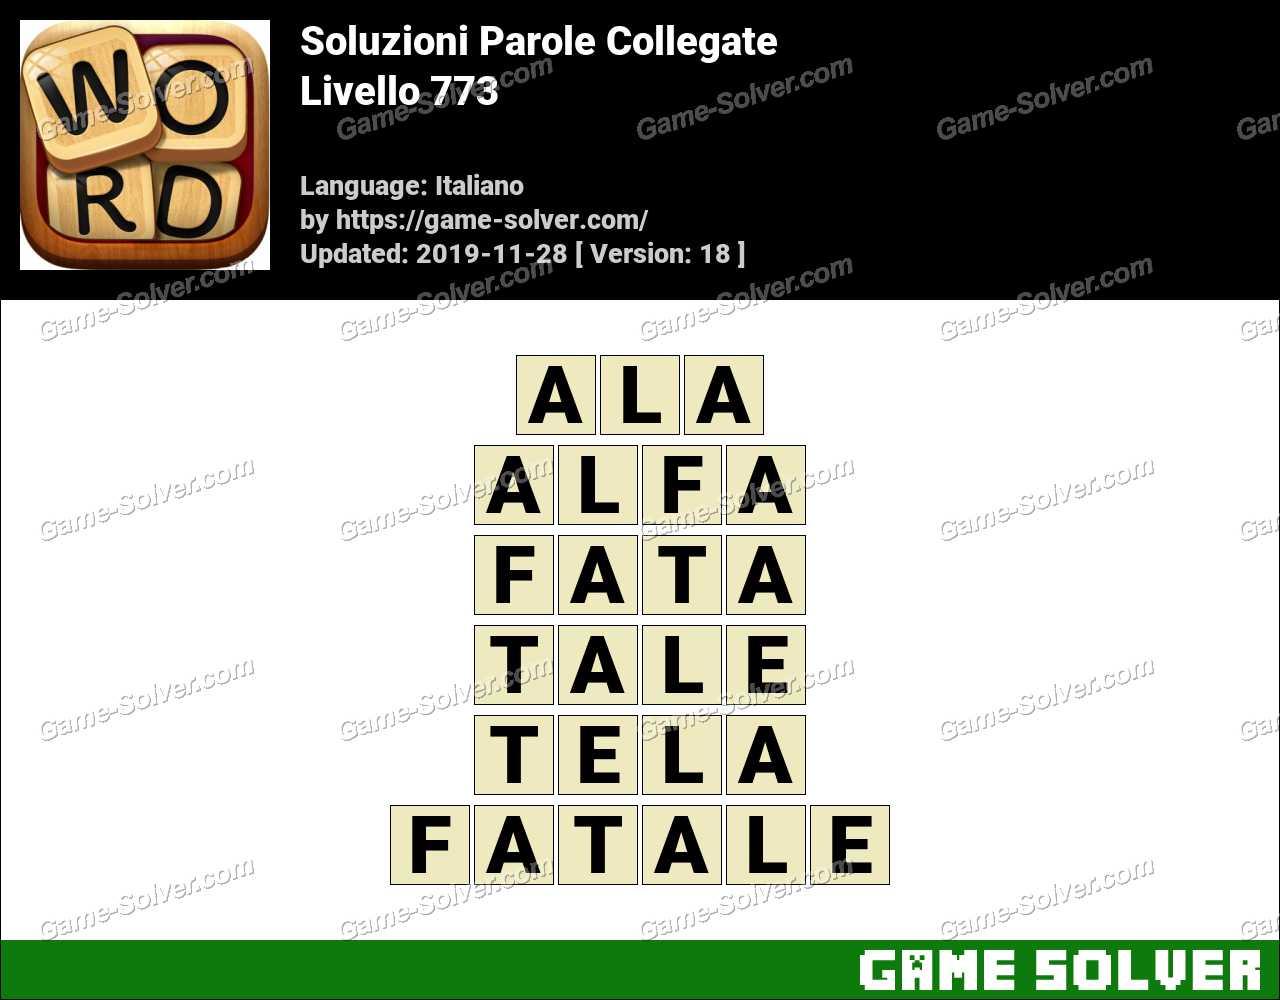 Soluzioni Parole Collegate Livello 773